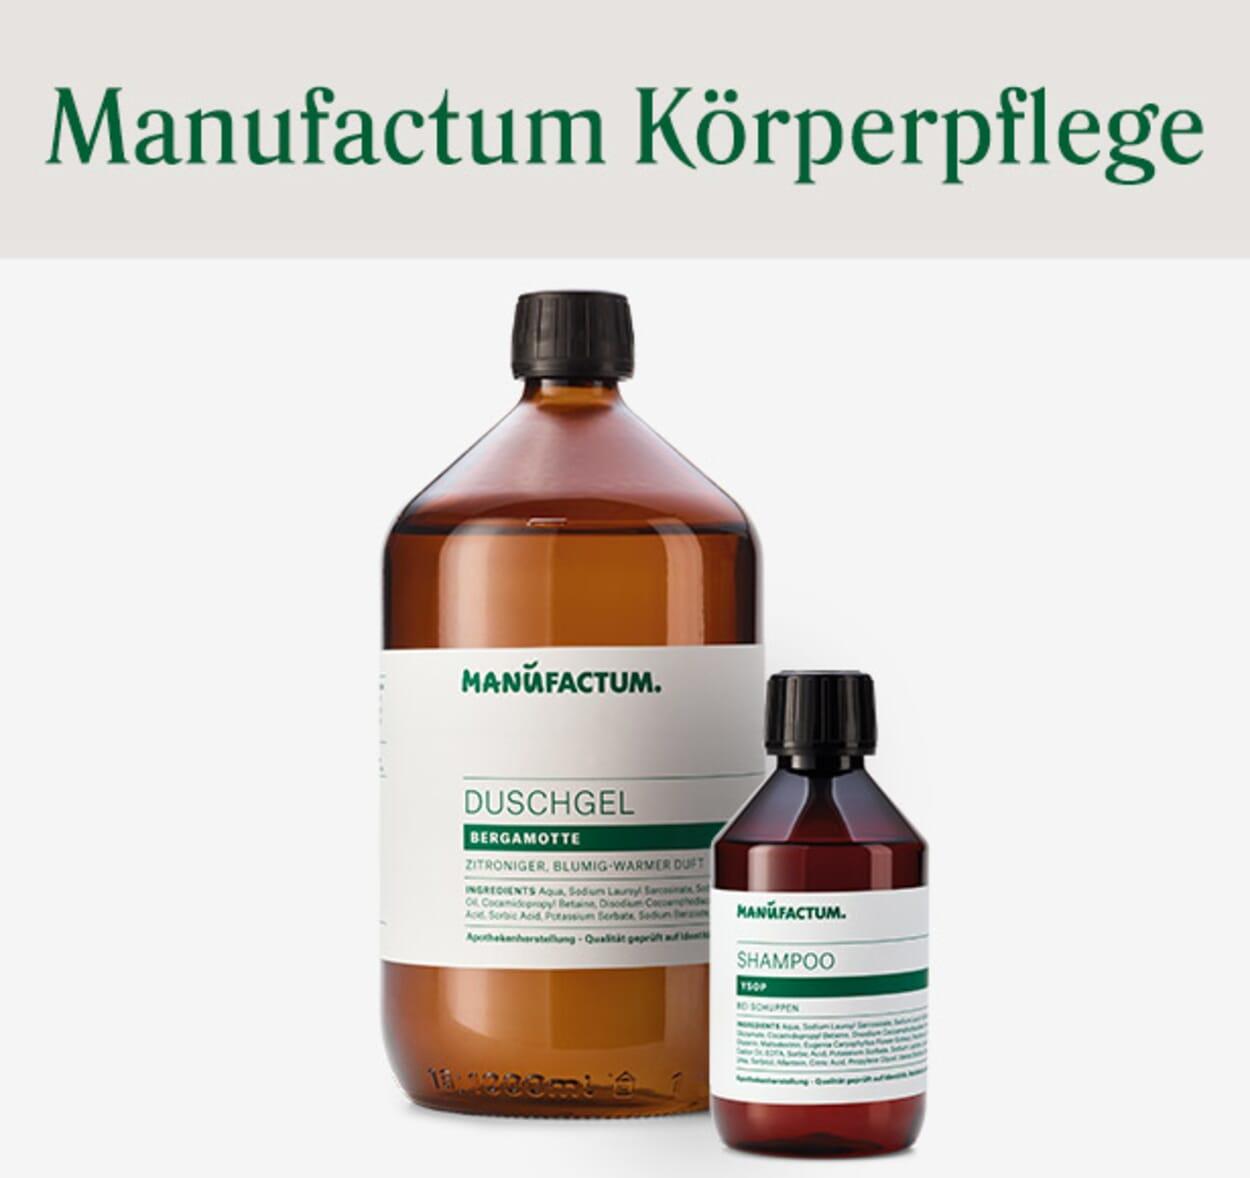 Manufactum Körperpflegeprodukte